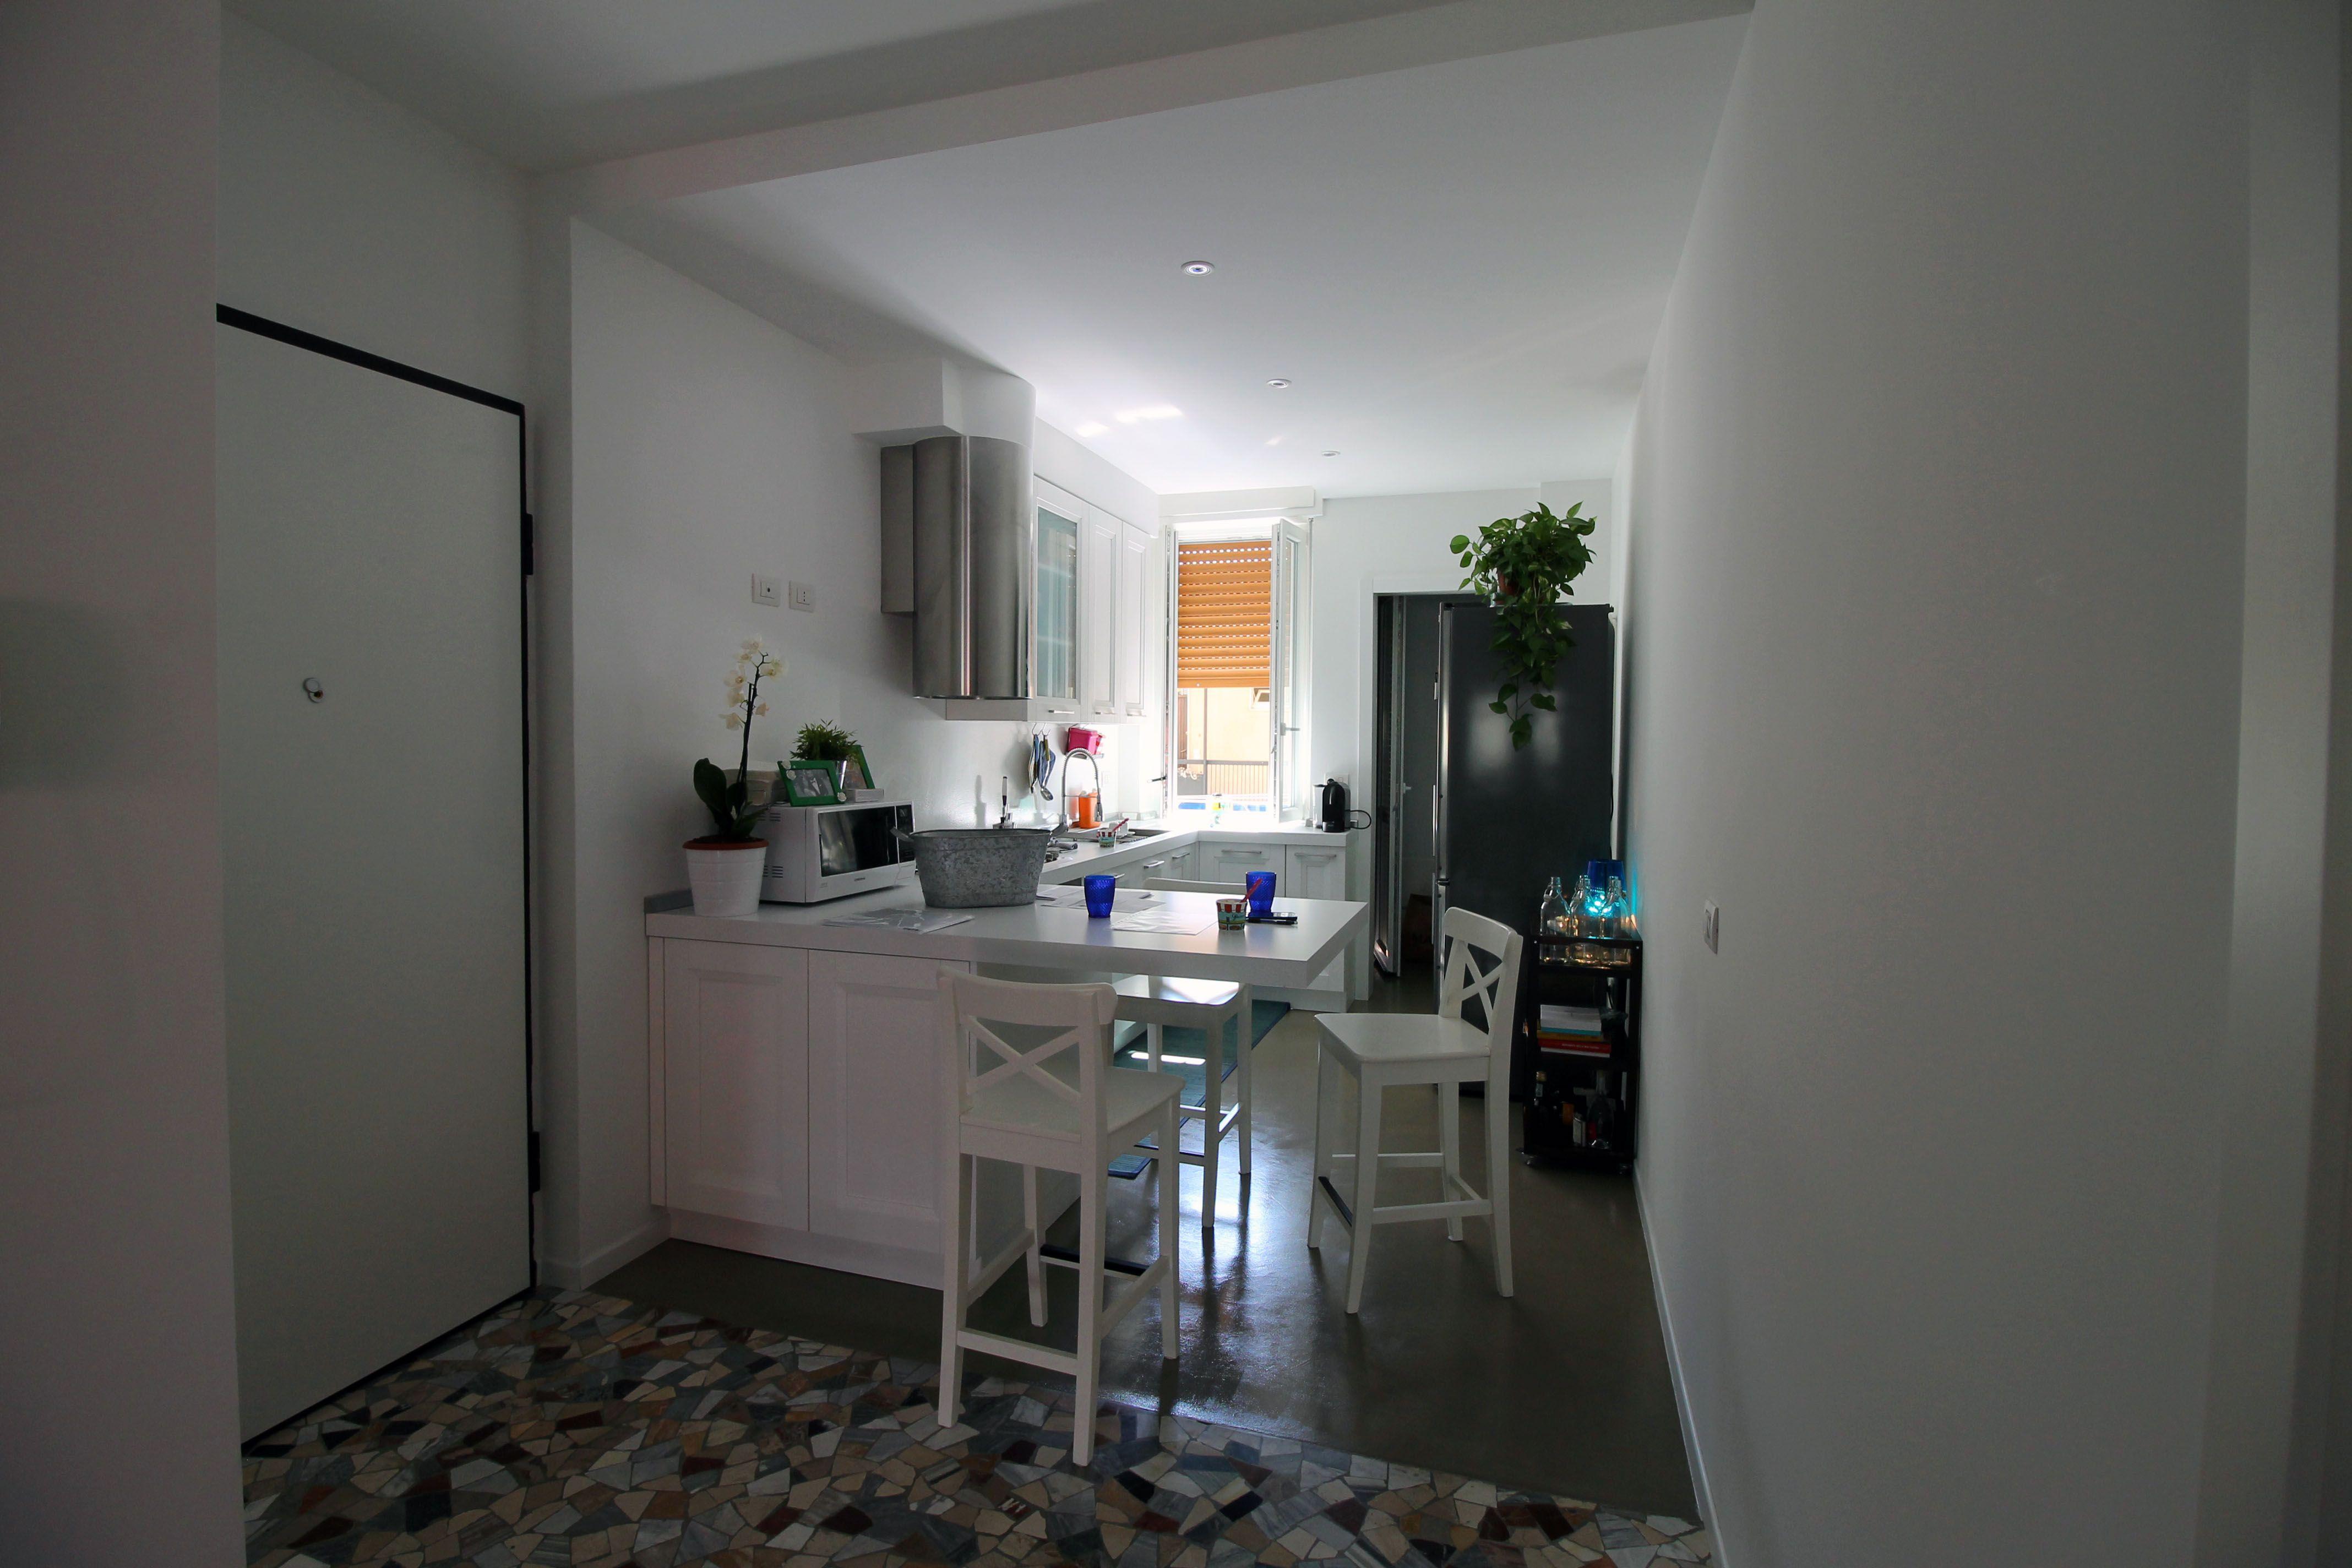 Cucina total white | Ristrutturazione tra moderno e contemporaneo ...